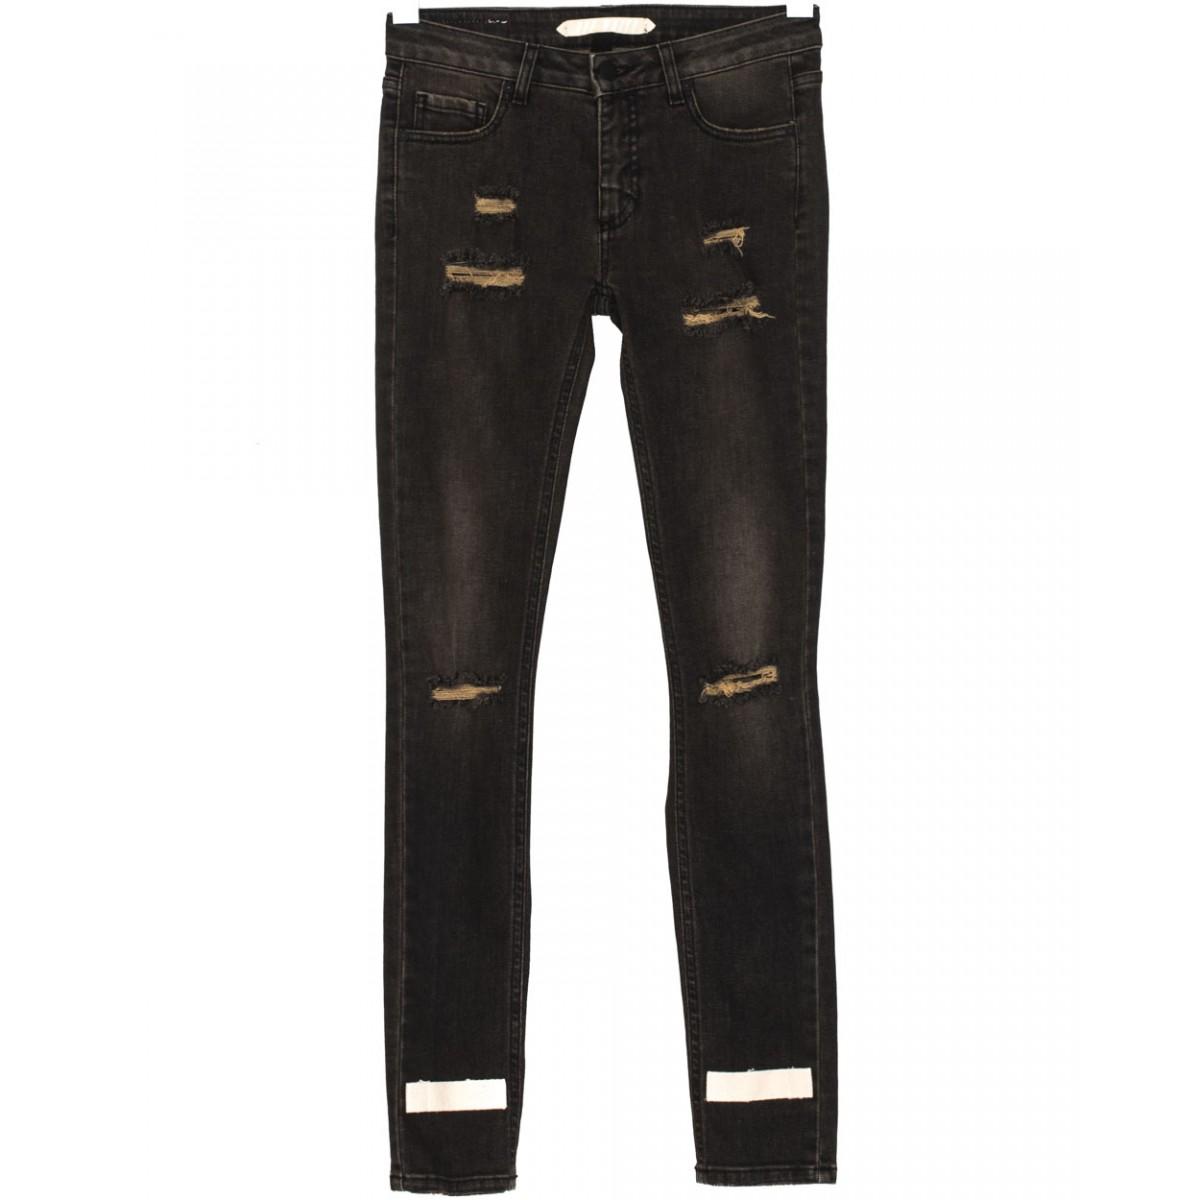 Off-white c/o virgil abloh Black Destroyed Skinny Fit Jeans 5 ...